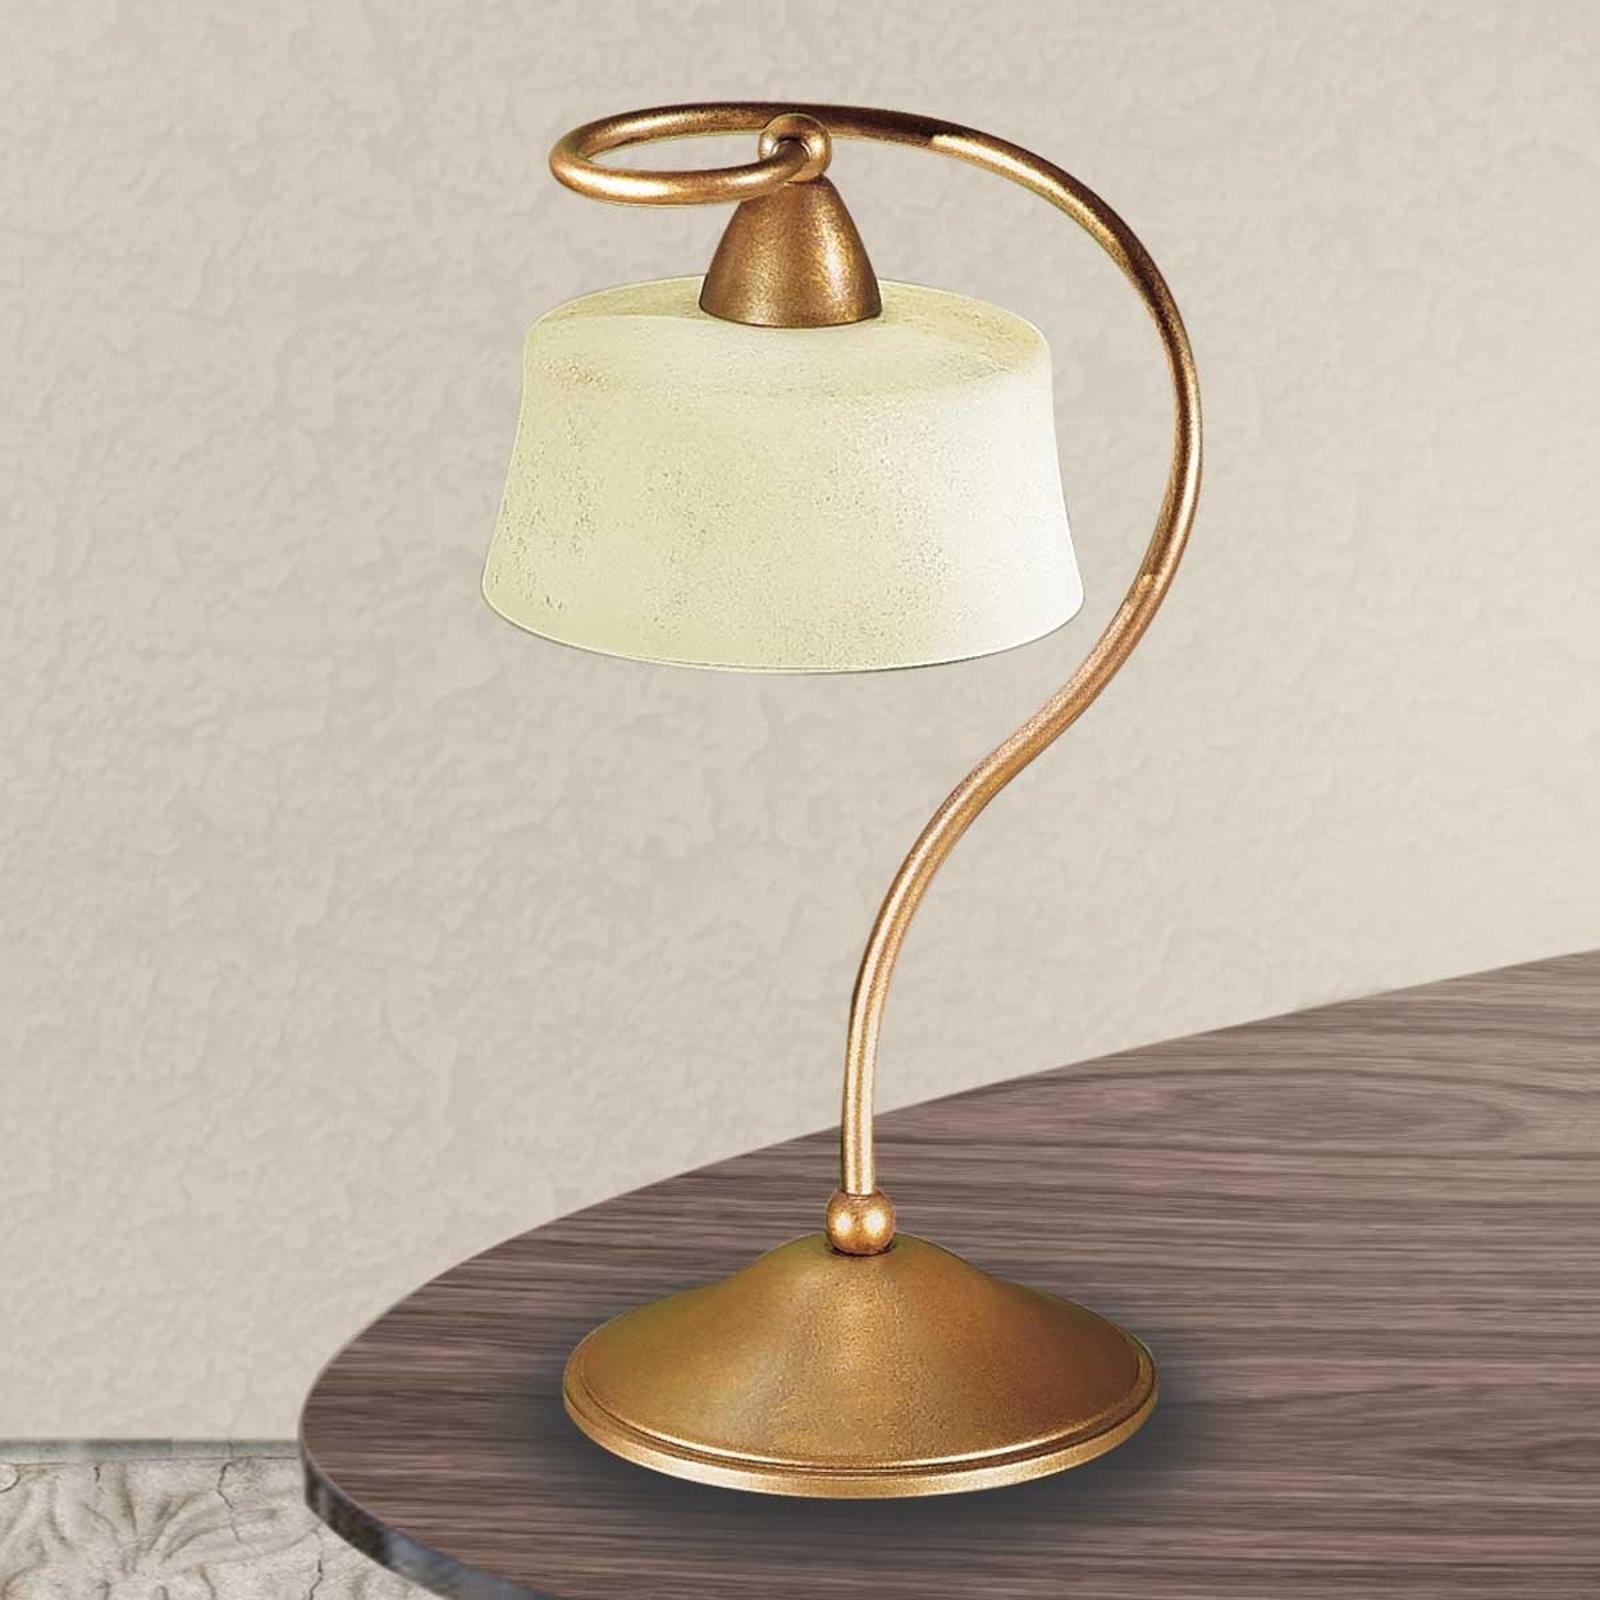 Pöytälamppu Alessio 1-lamppuinen, riippuva